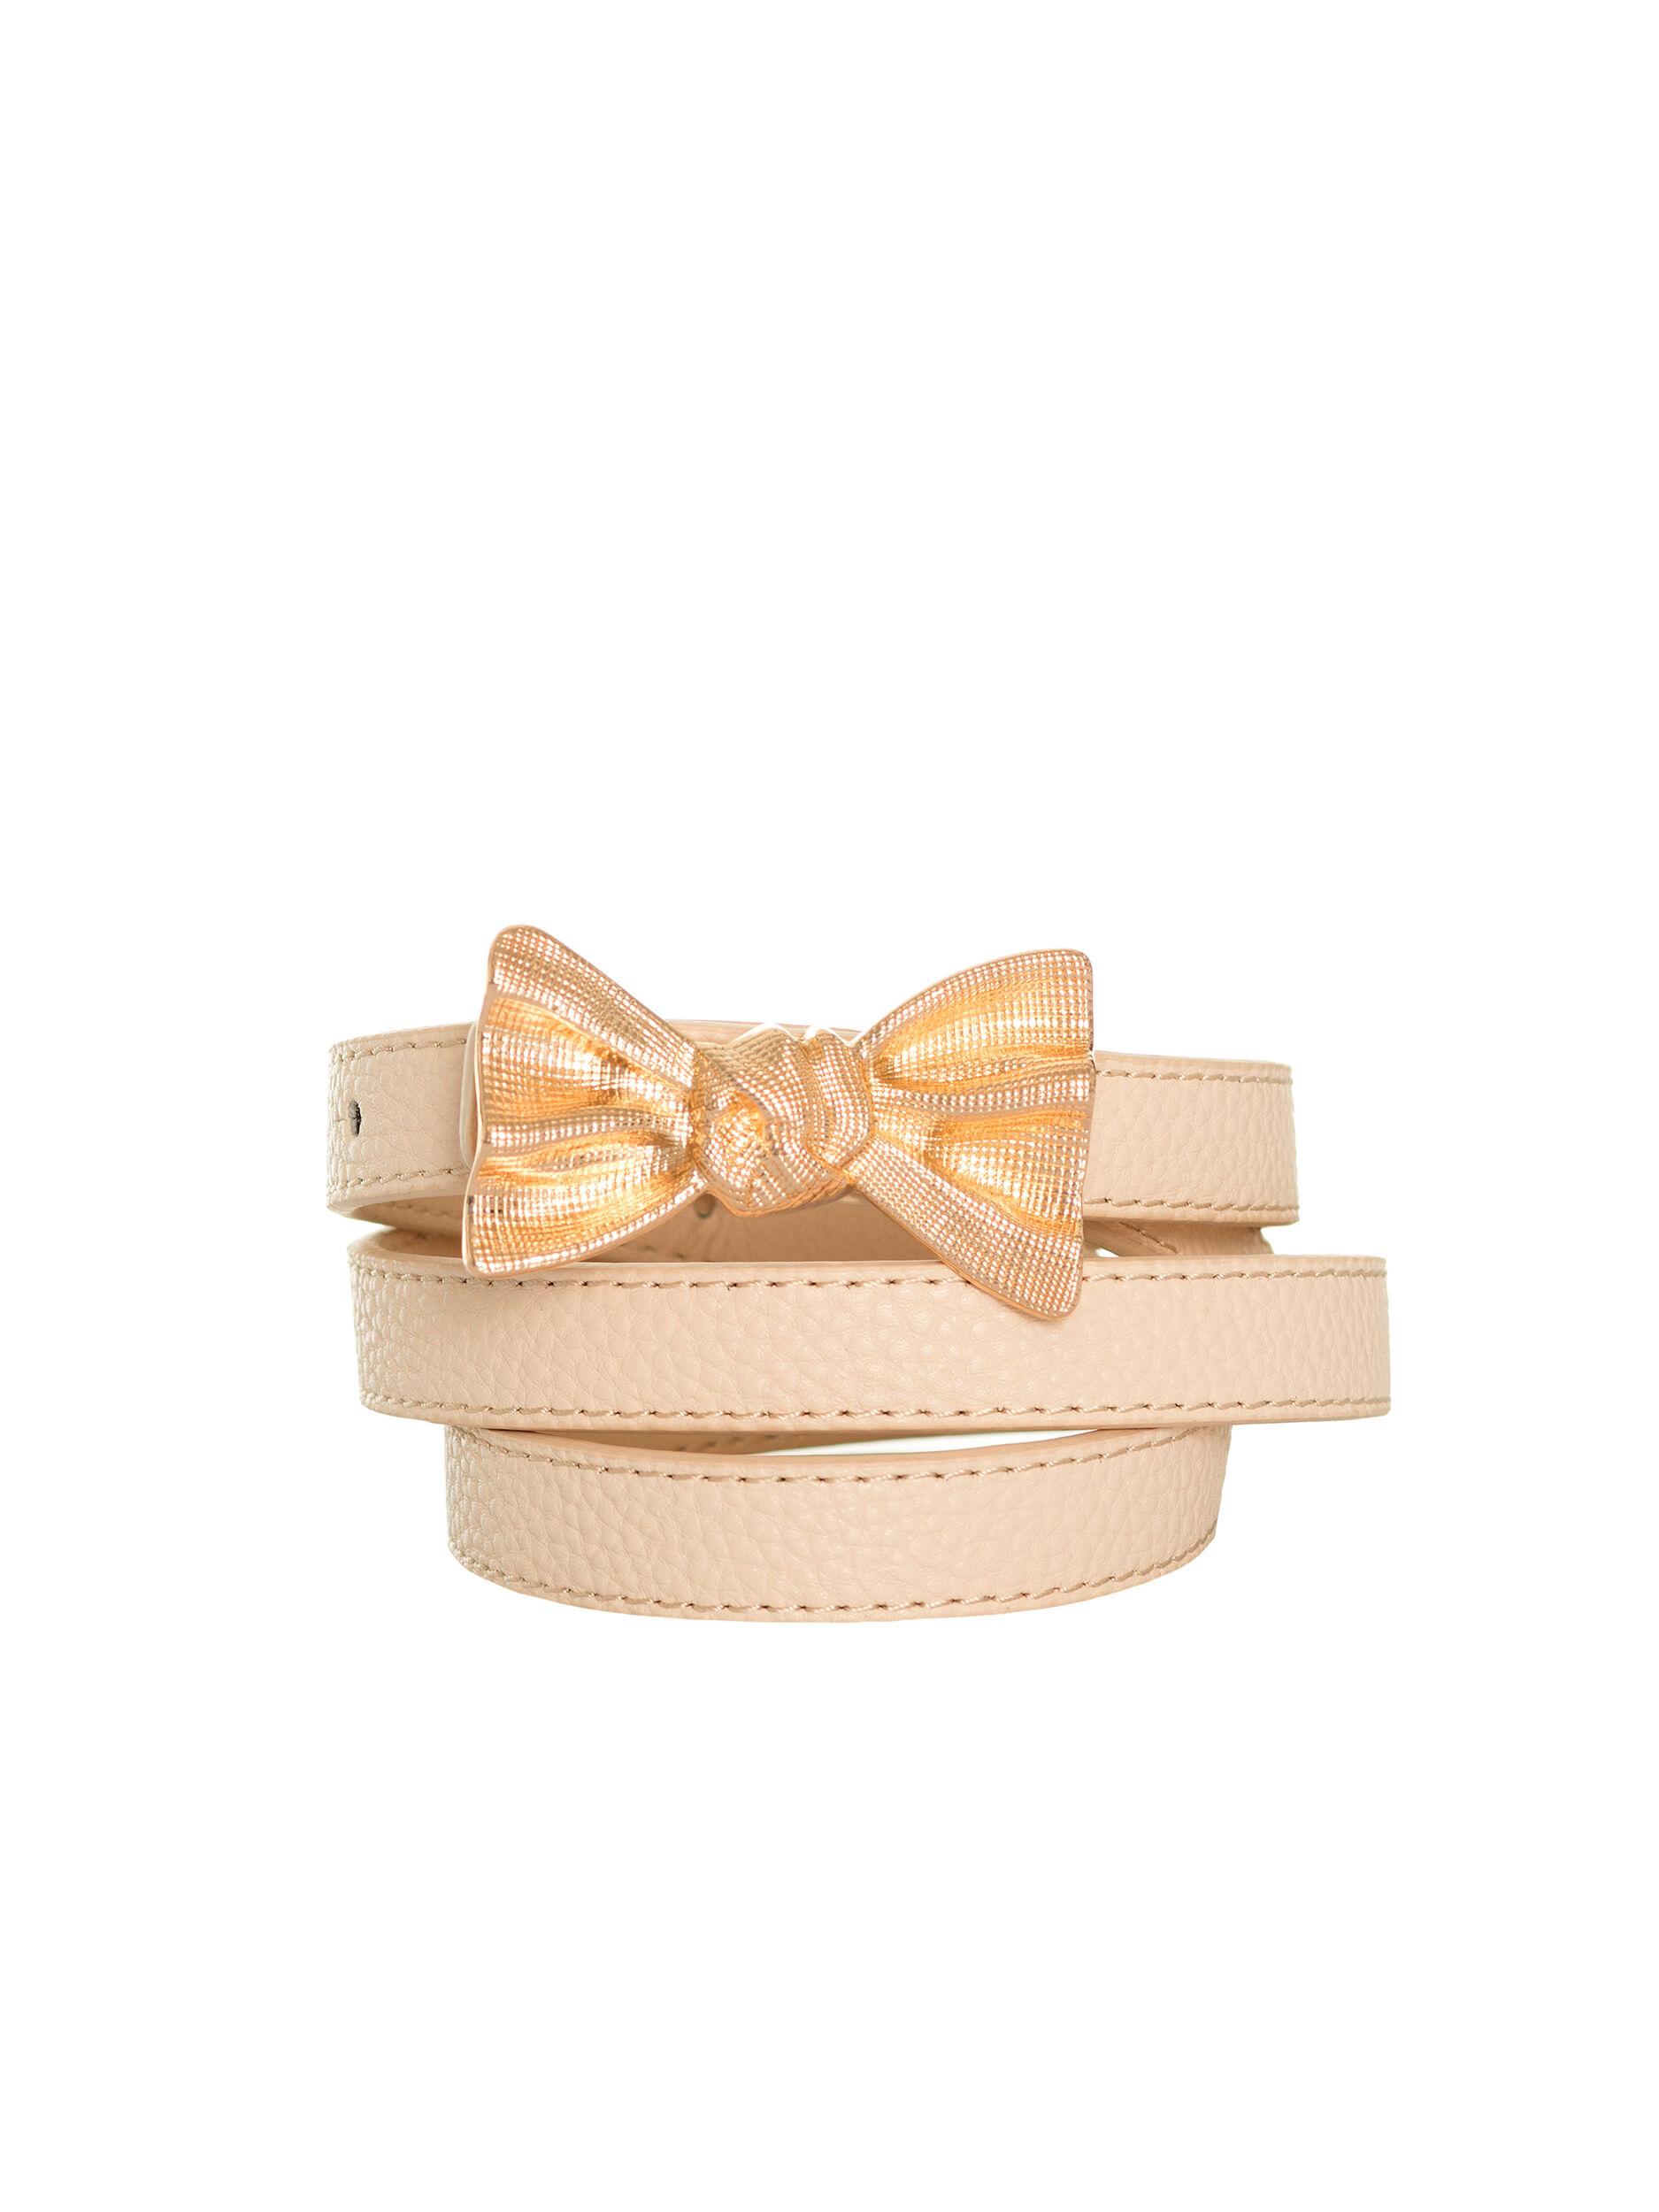 Little Bow Belt